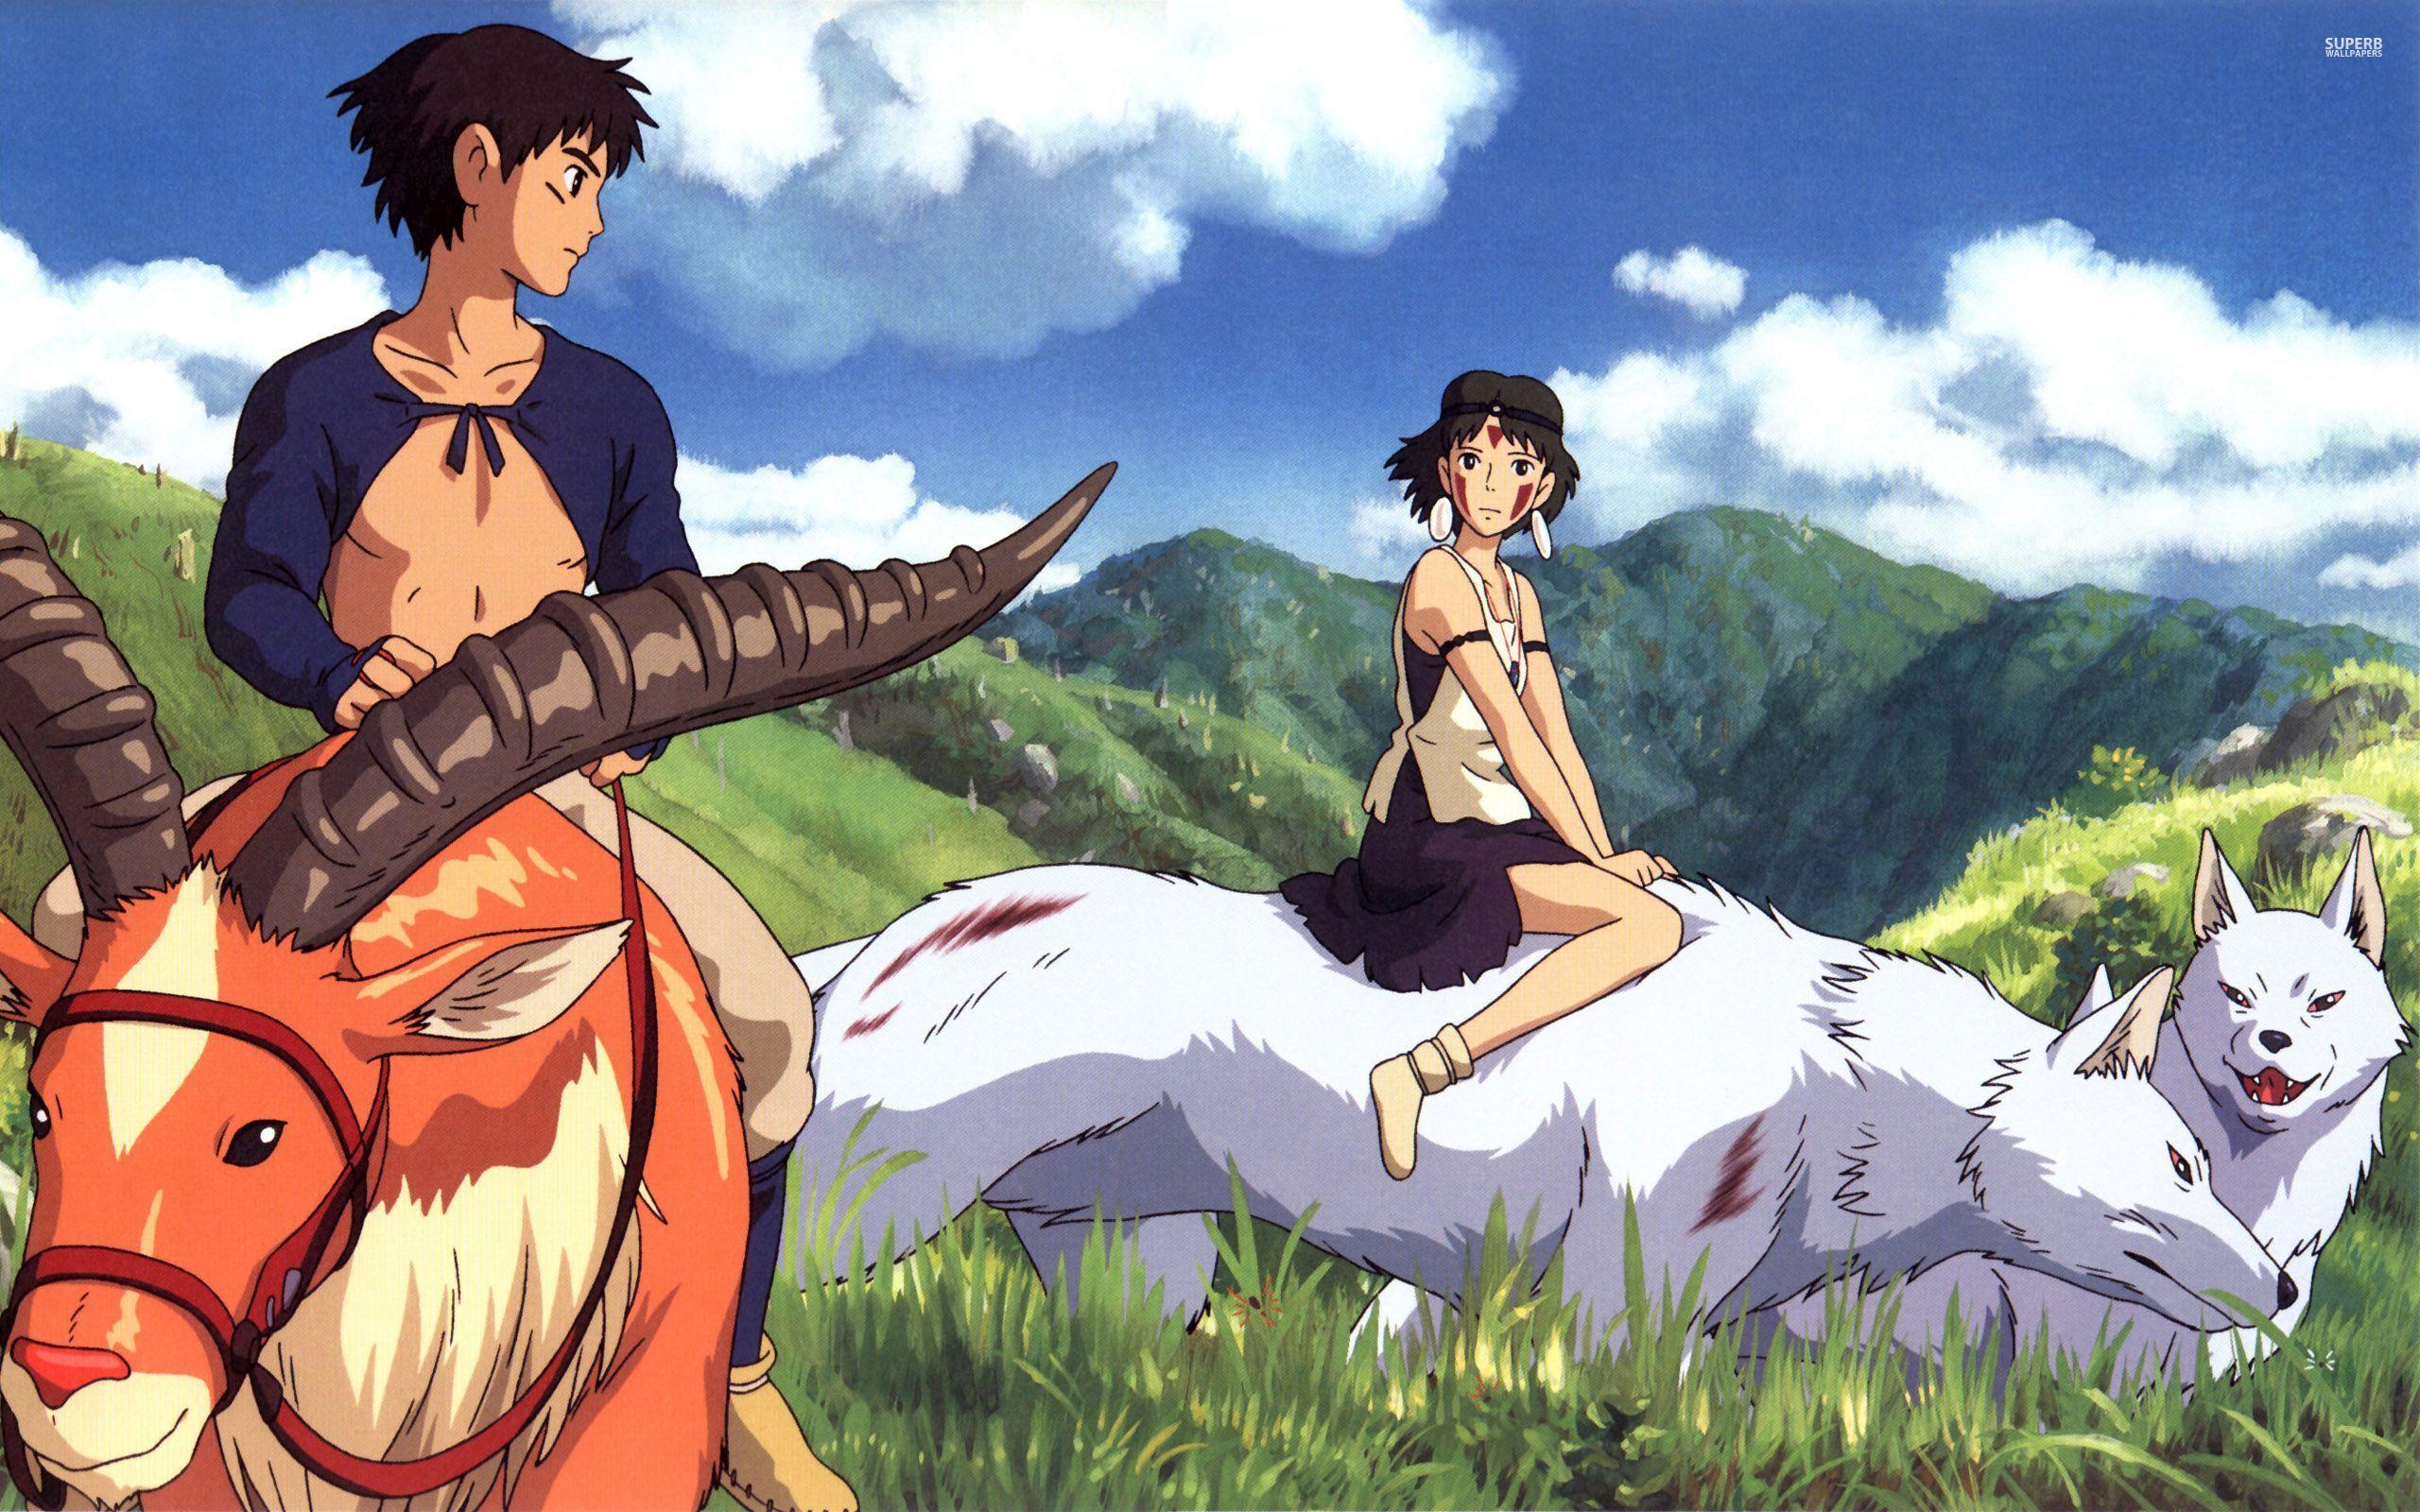 인간과 자연의 공존을 다룬 영화 <모노노케 히메>(1997)